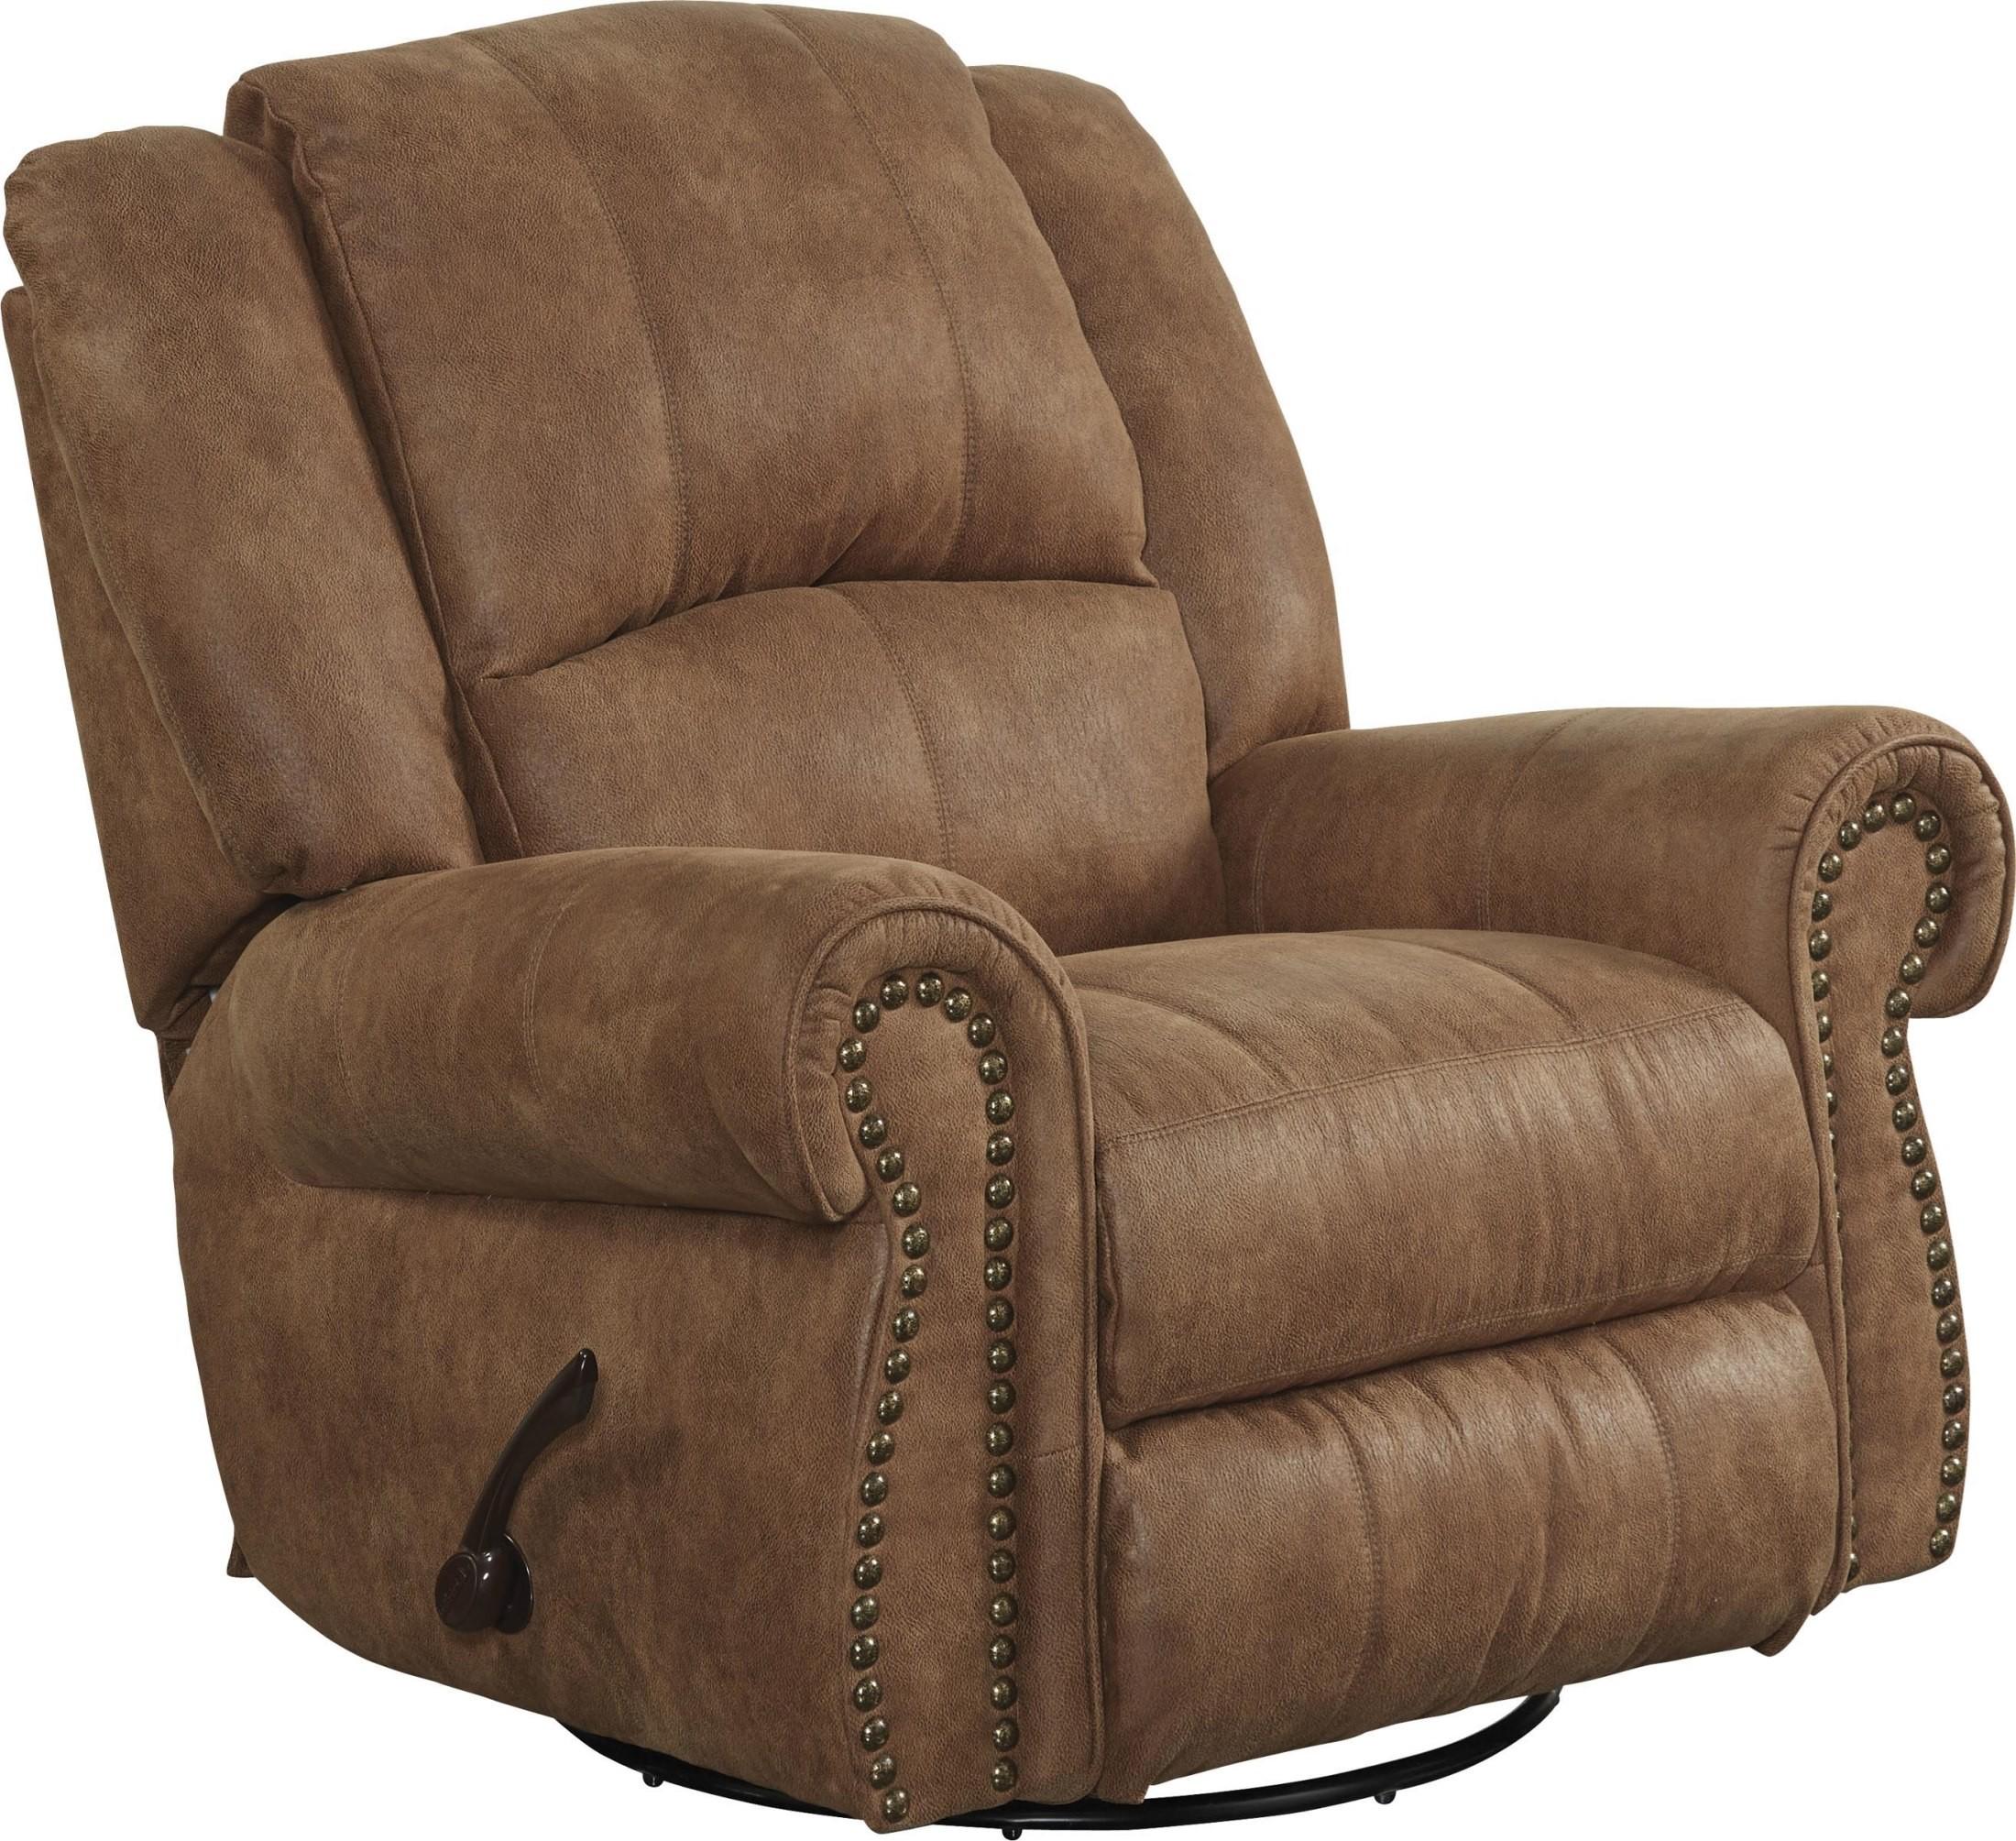 Westin Nutmeg Swivel Glider Recliner 10505115099125099